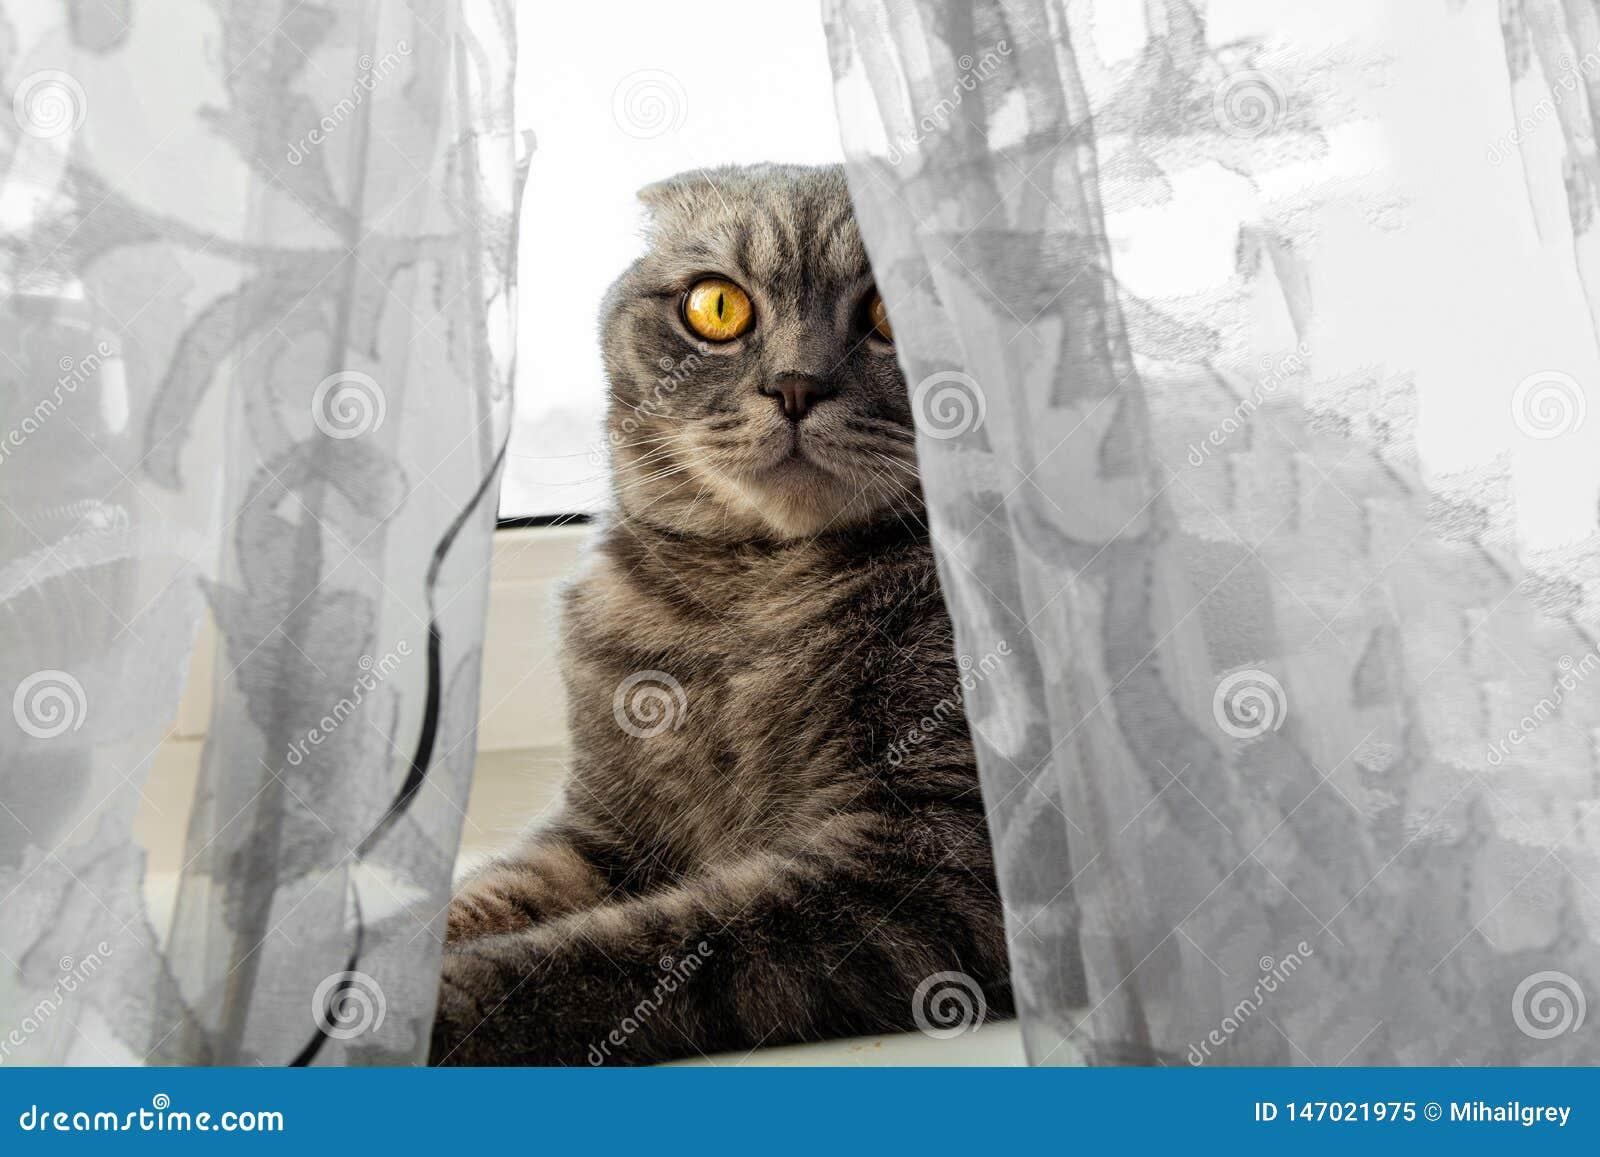 El gato se está sentando en el alféizar detrás de la cortina